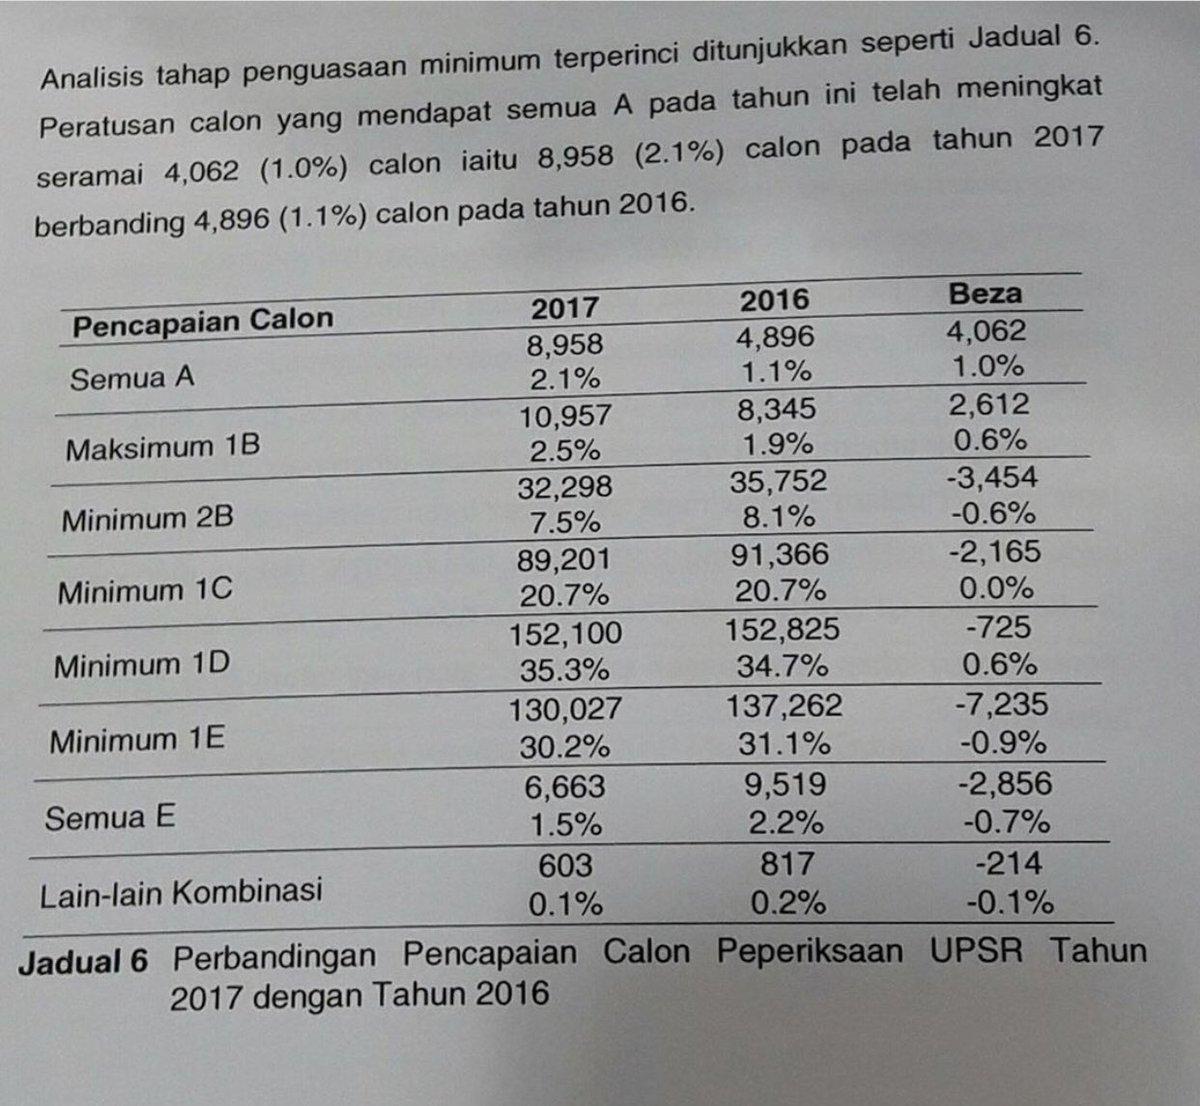 Senarai Top Ranking Sekolah Terbaik Keputusan Upsr 2017 Malaysia